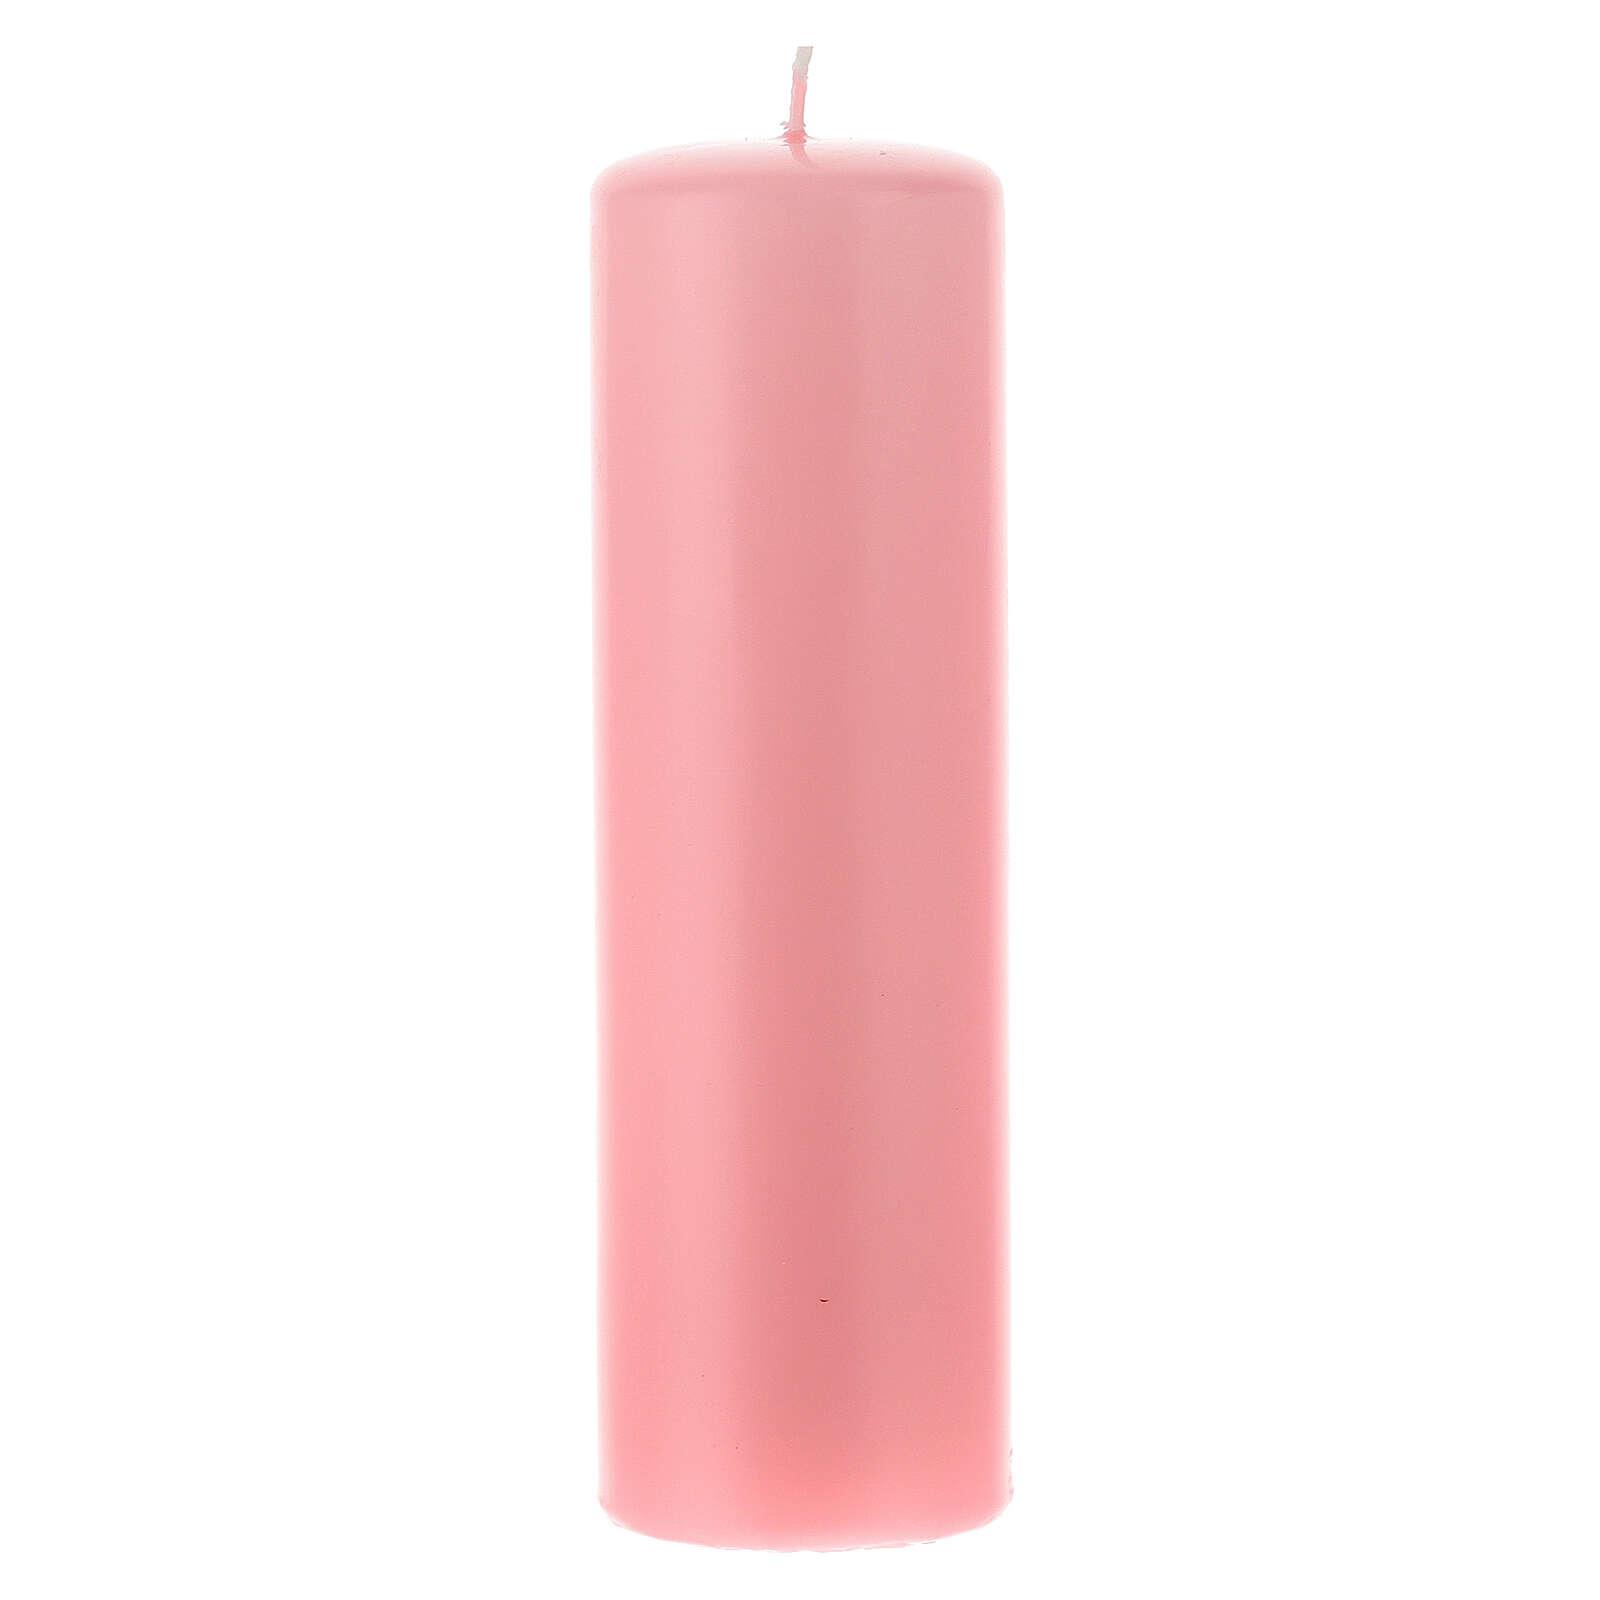 Świeczka na ołtarz matowa wielkość 6cm. 3